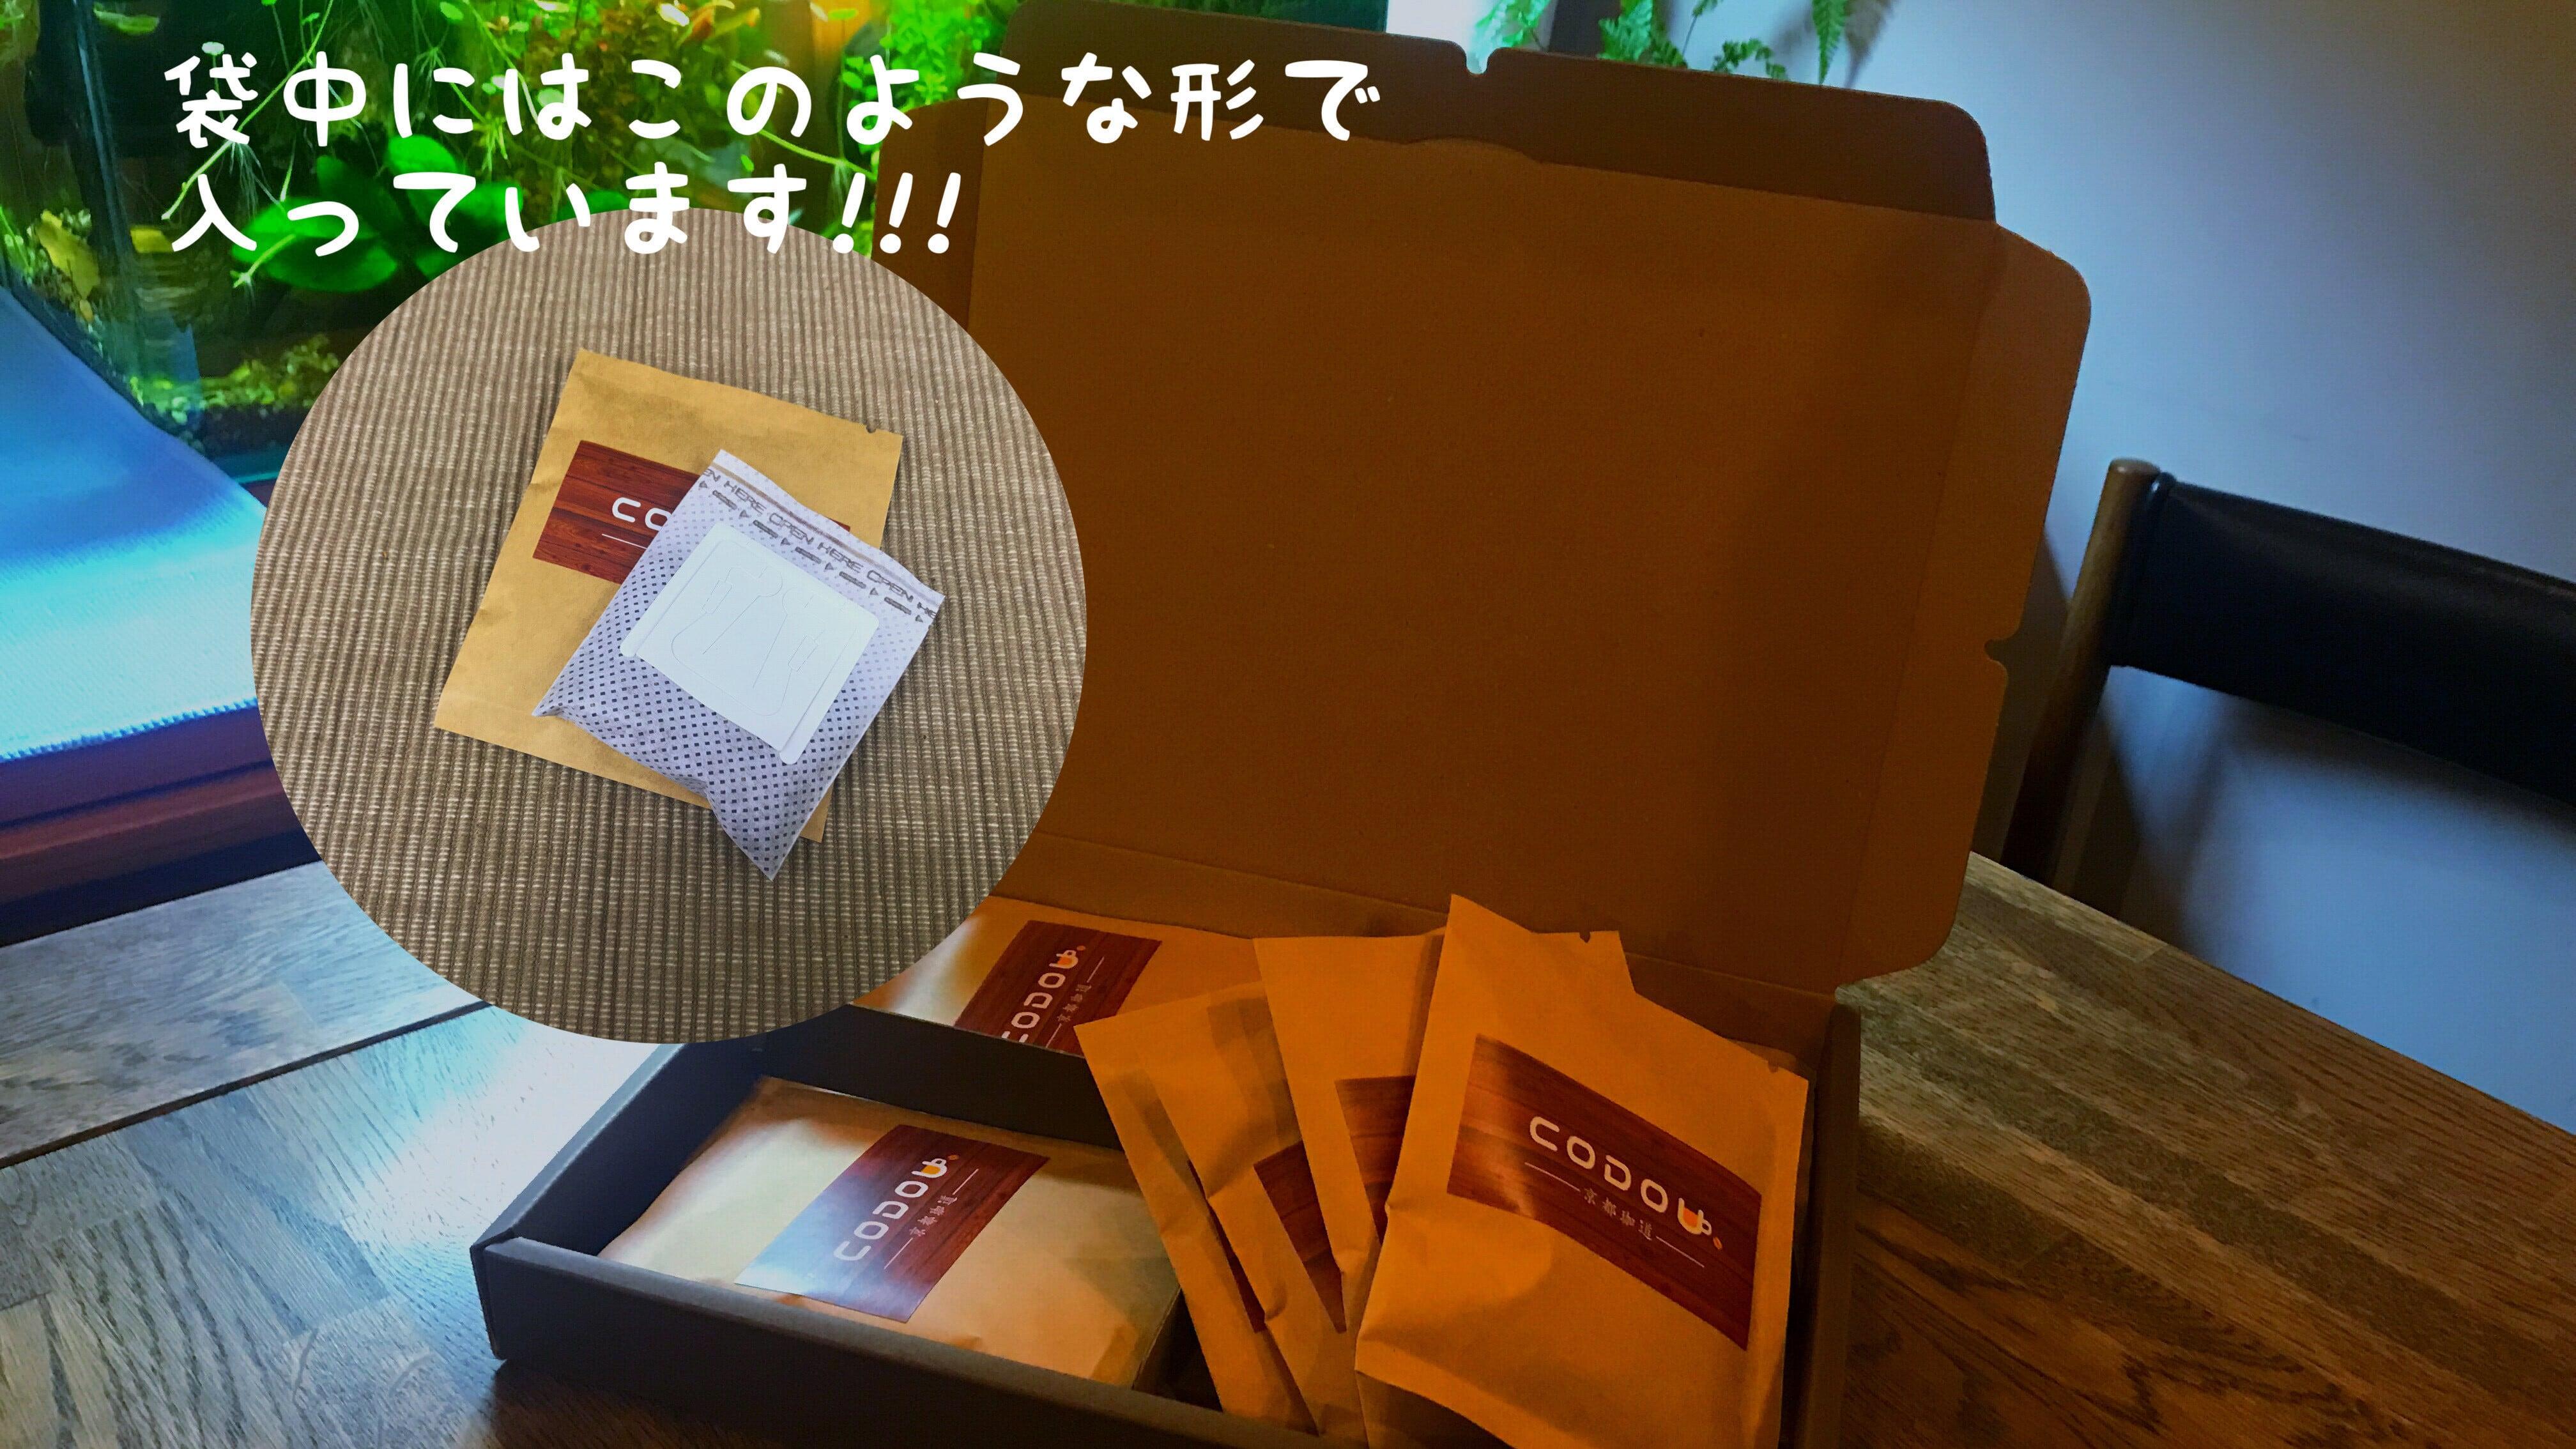 京都珈道 ドリップコーヒー 詰め合わせ